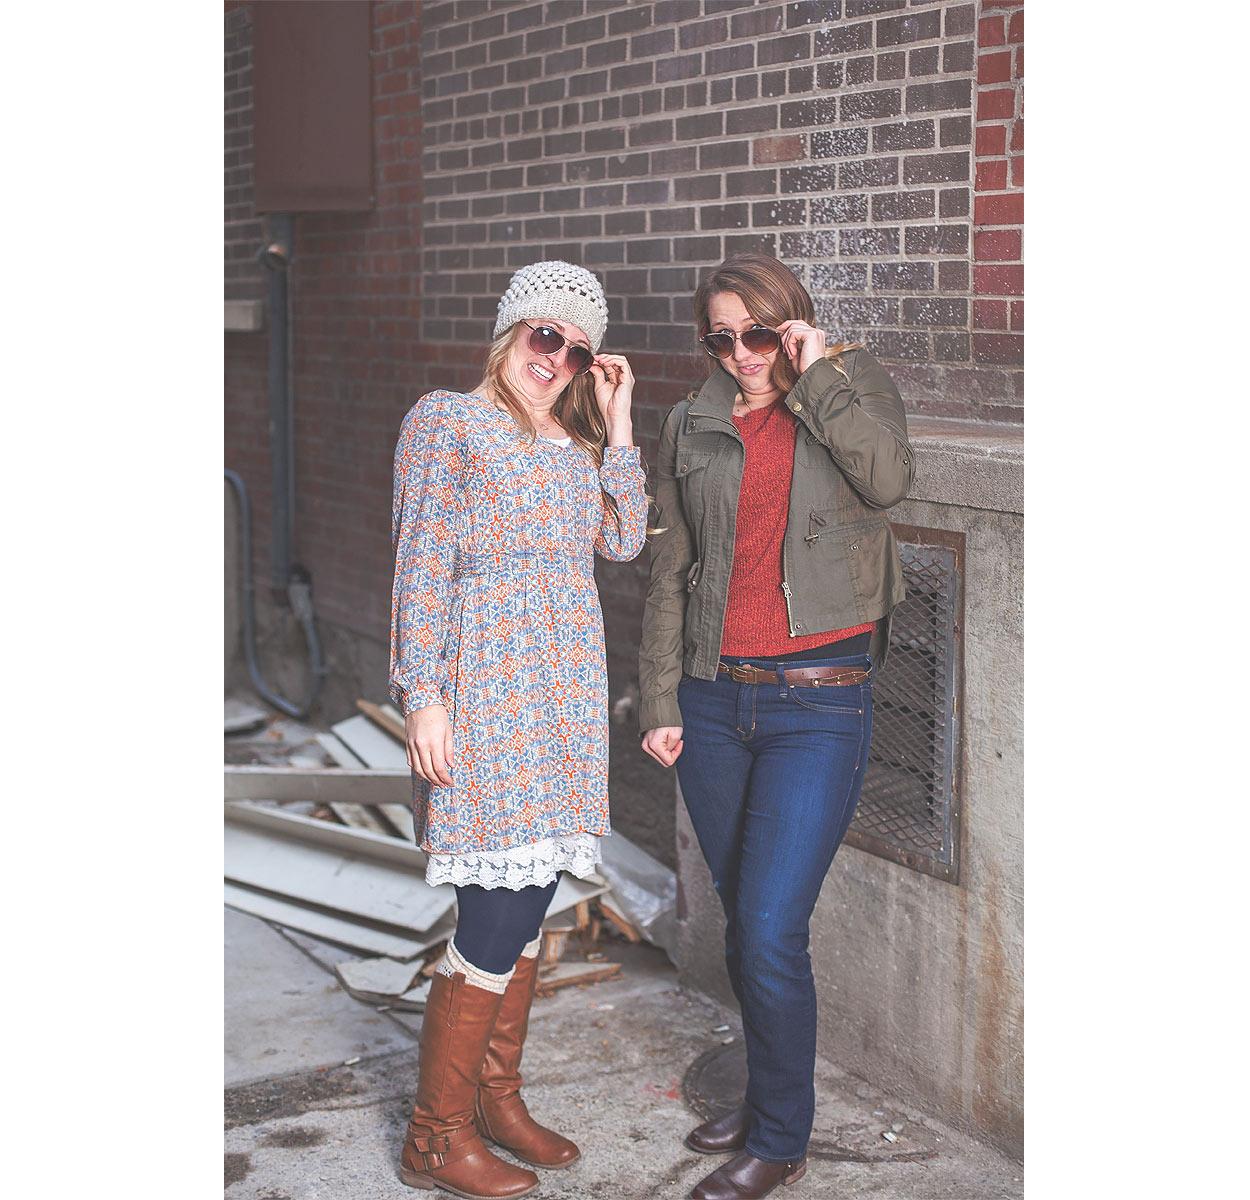 BestFriendPortraits-KatAnnie-HeidiRandallStudios-10.jpg